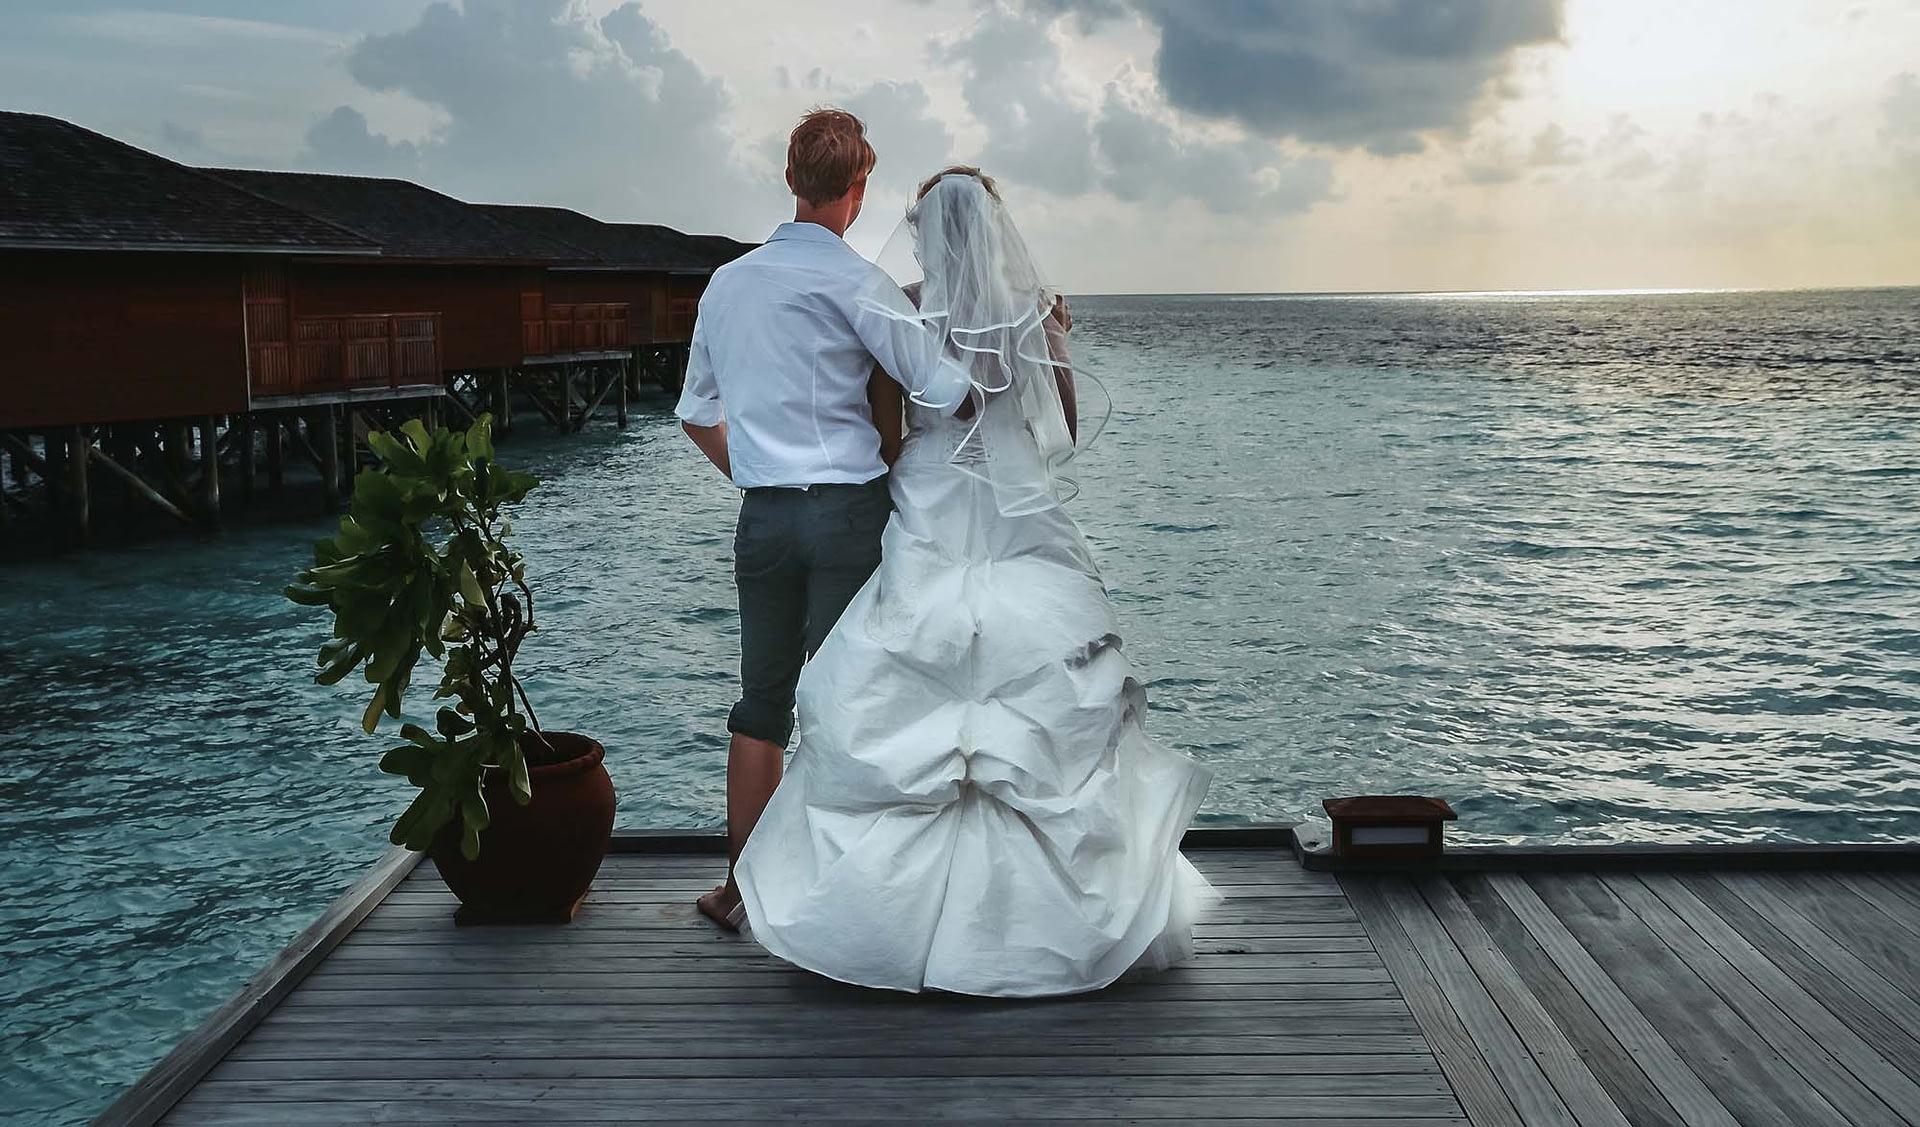 Hochzeitsfotograf Berlin Potsdam Brandenburg - Hochzeitsreportage - Freie Trauung – Brautpaar – Malediven – Destination Wedding